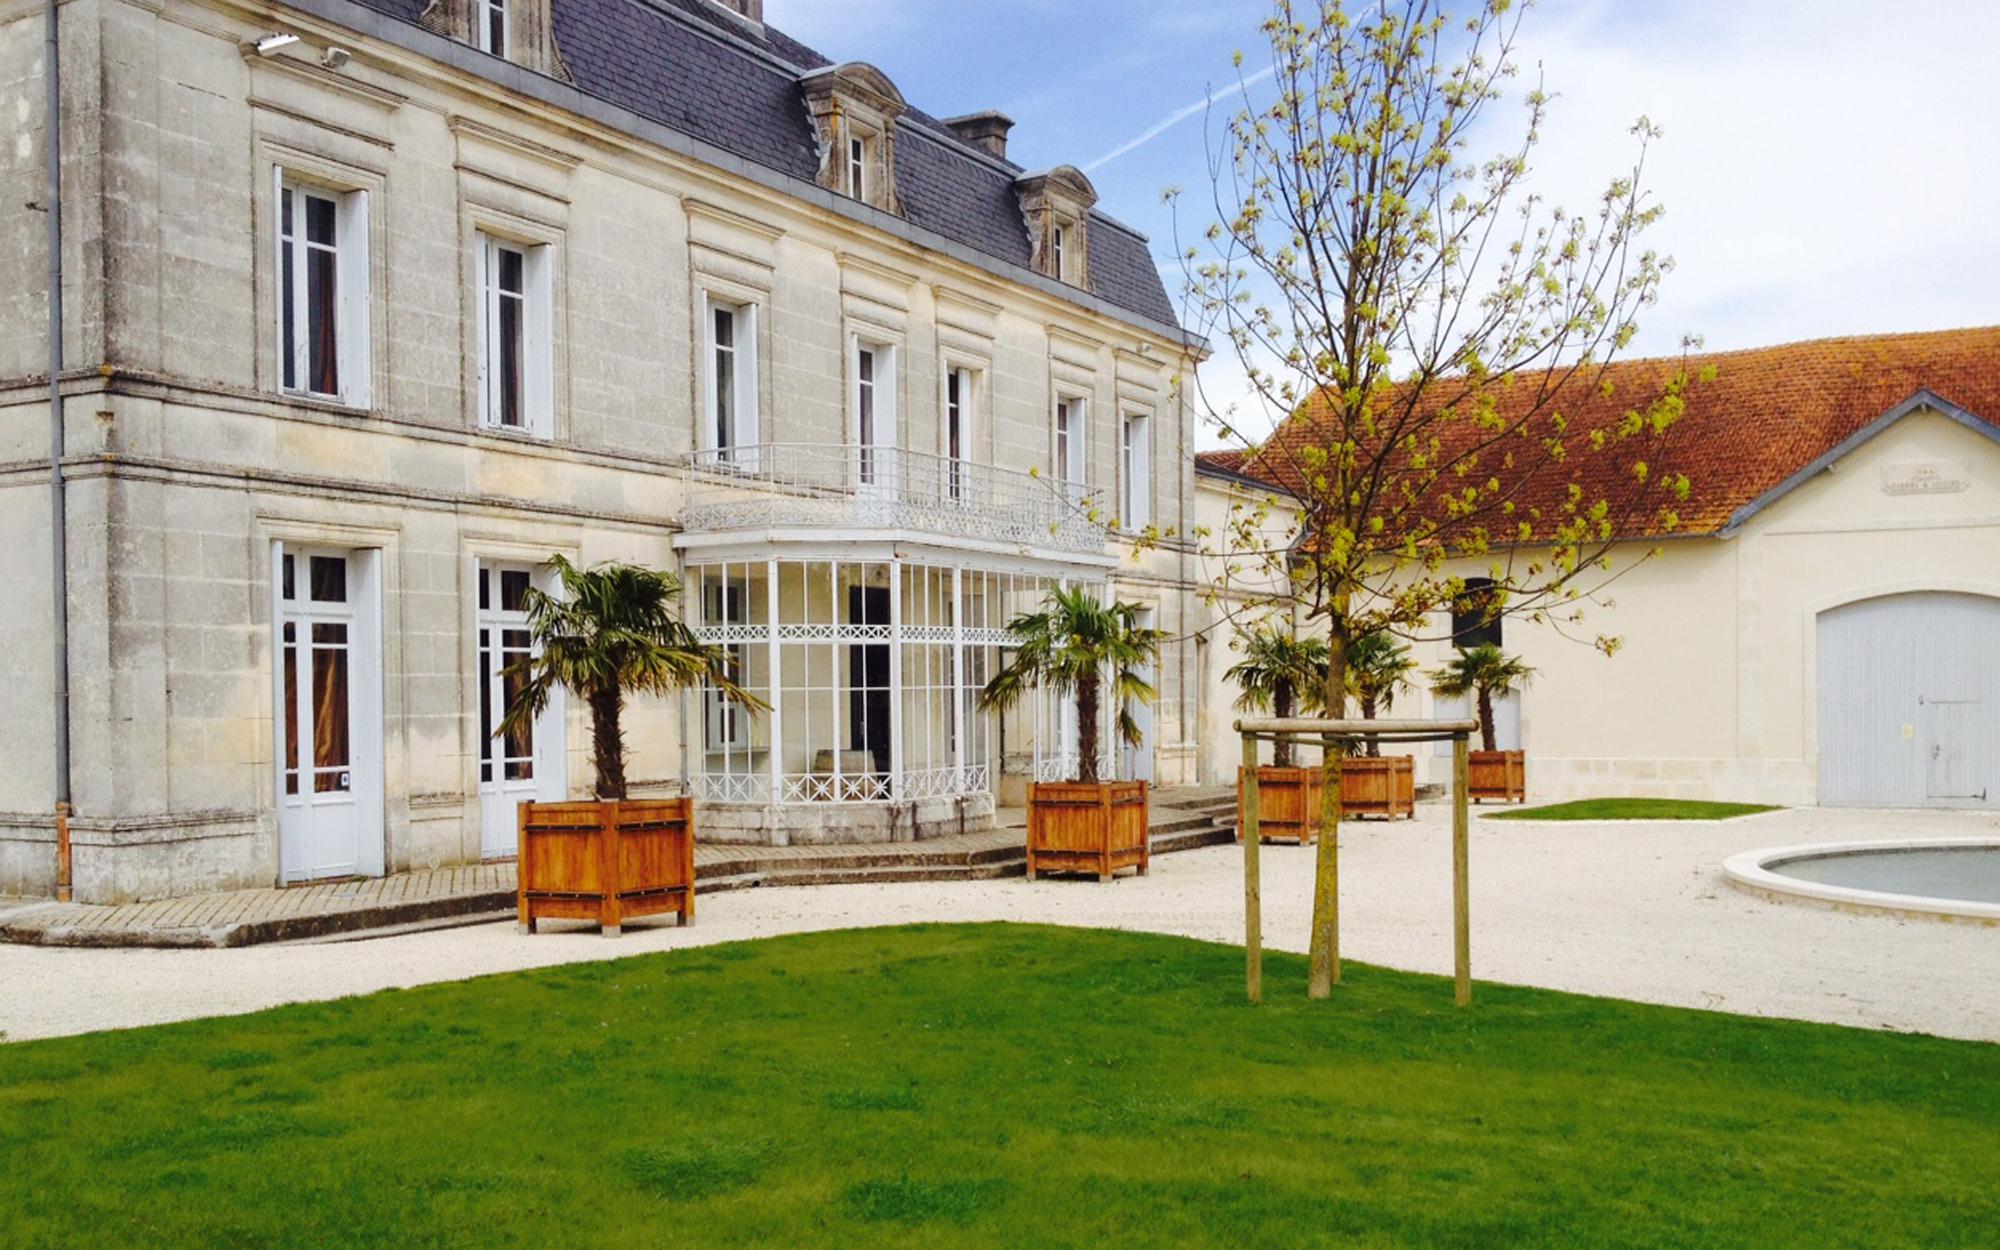 Hélène Soulier paysagiste Bordeaux, enseignante Ecole Nationale Supérieure d'Architecture et du Paysage de Bordeaux, ensapBx, jardins, châteaux, installations, workshops, château Bonbonnet